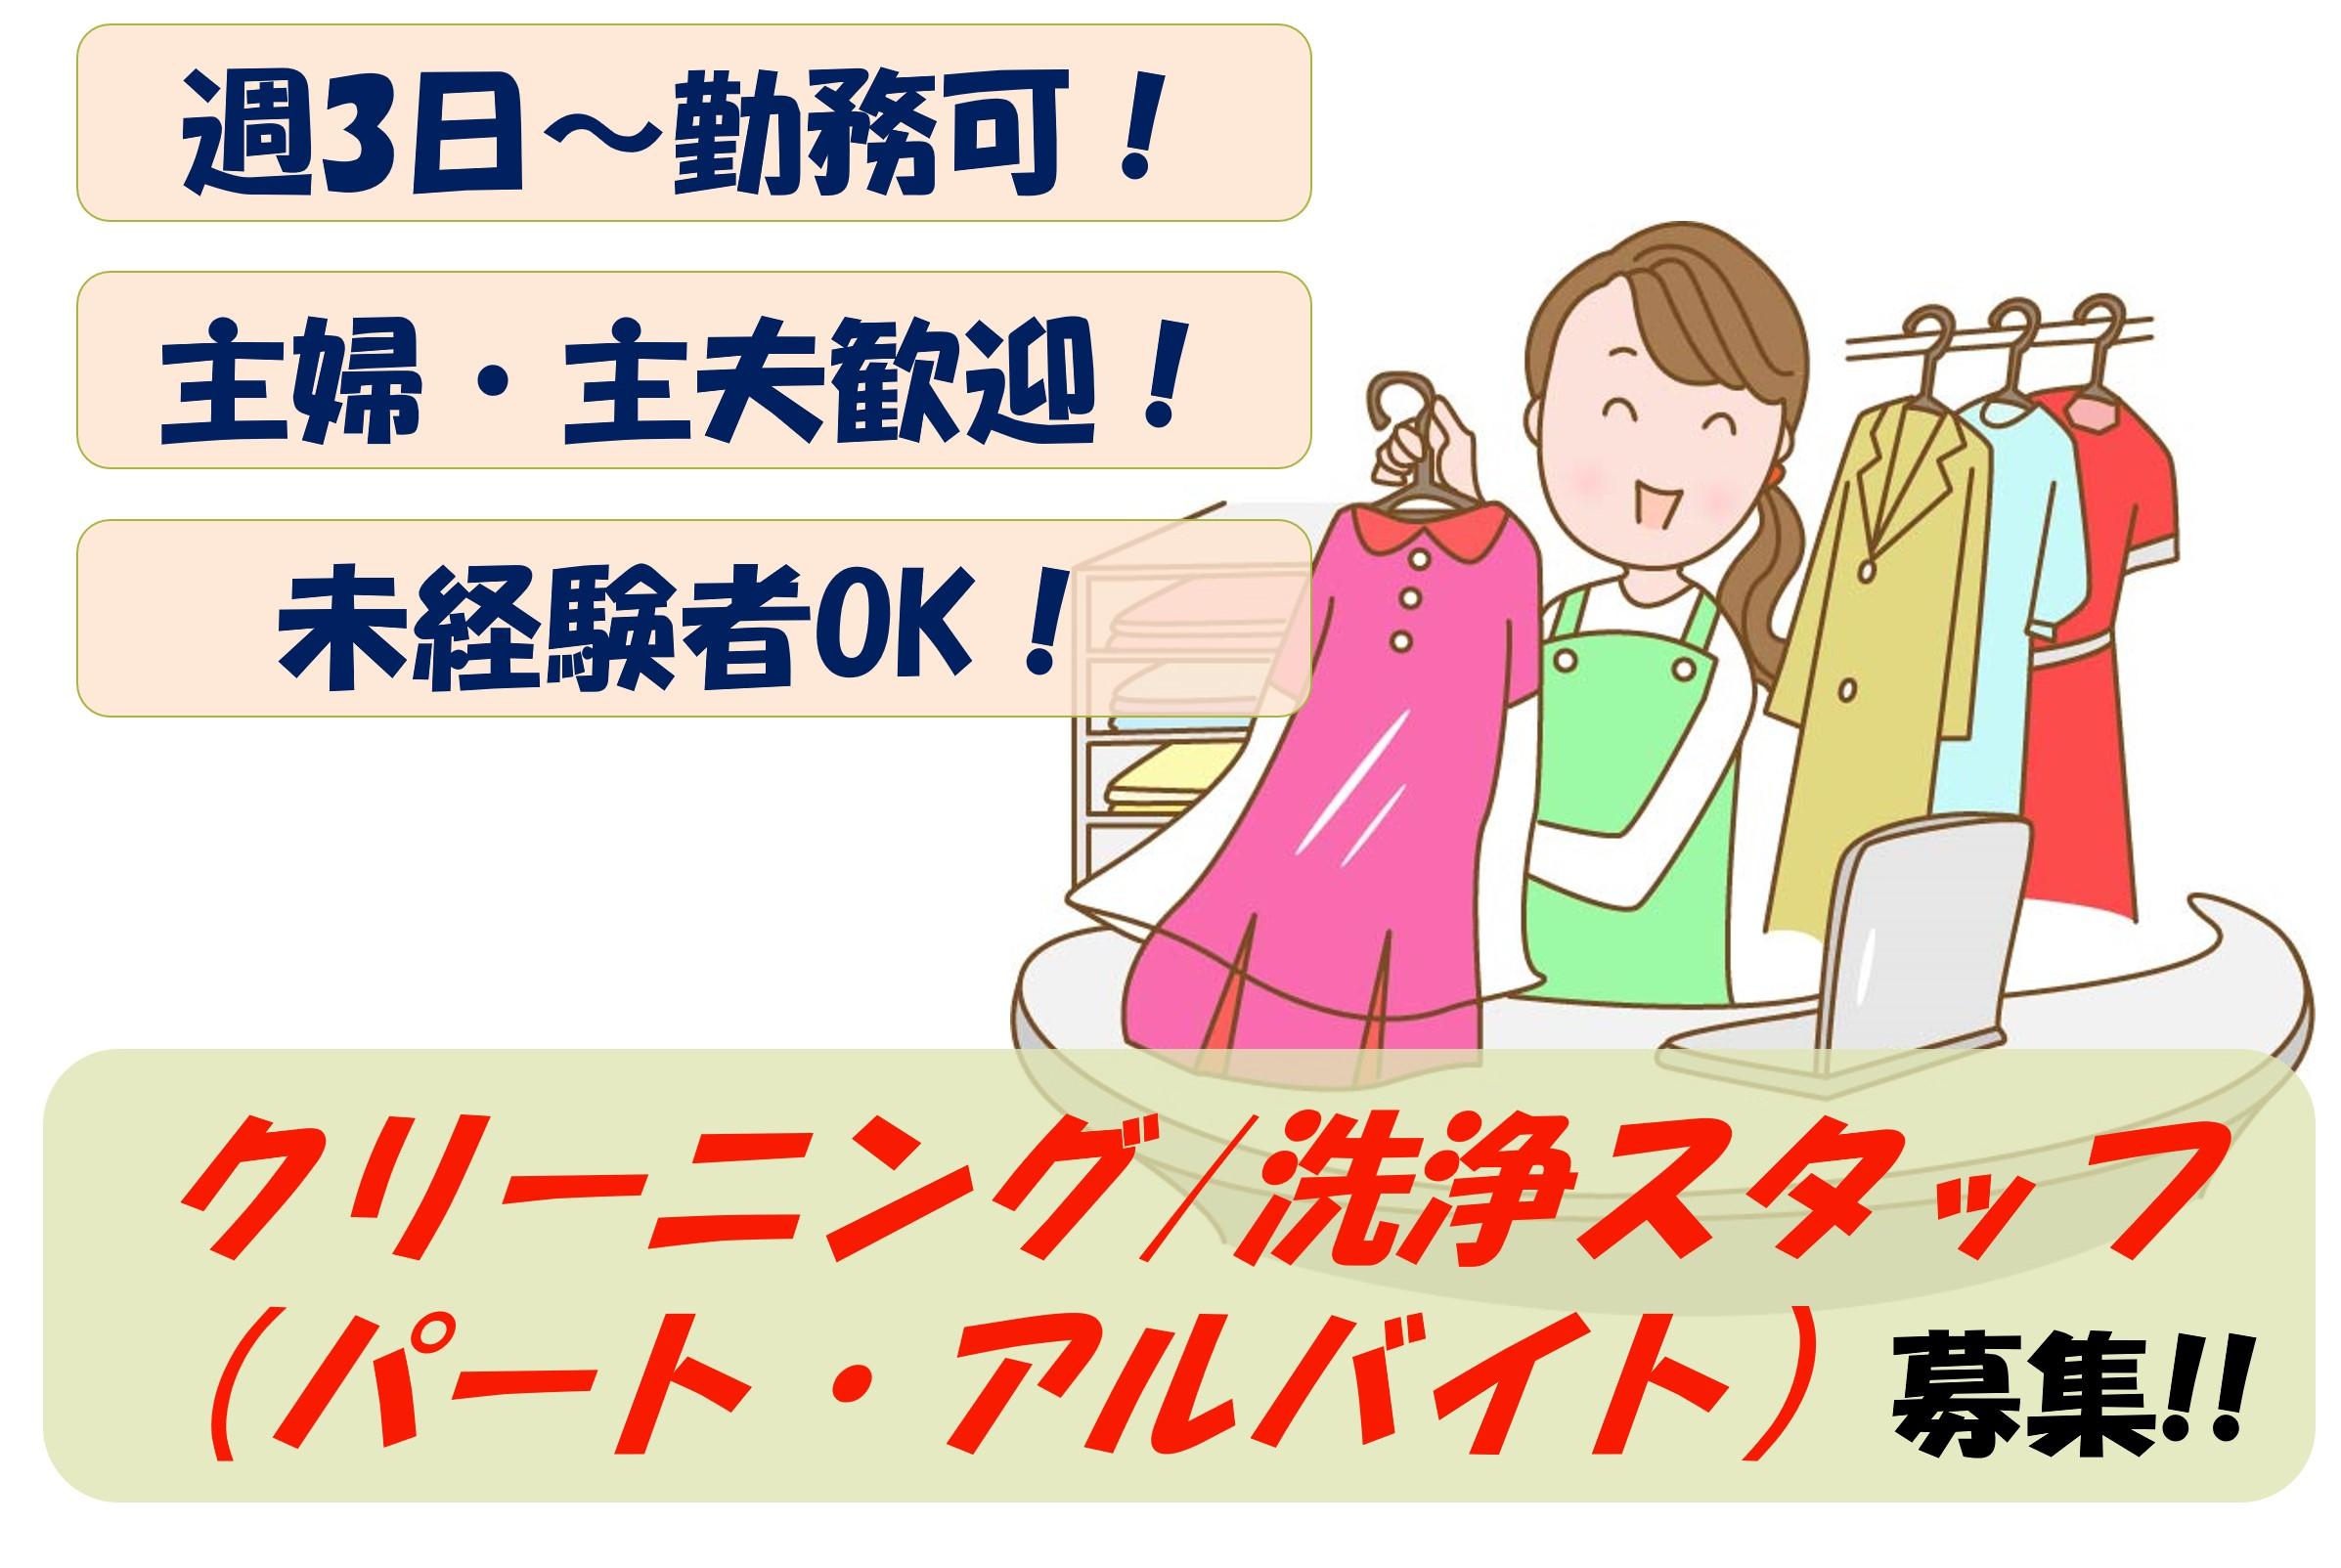 【即面談可能】1日3h~OK!主婦活躍中!クリーニング/洗浄スタッフ募集 イメージ